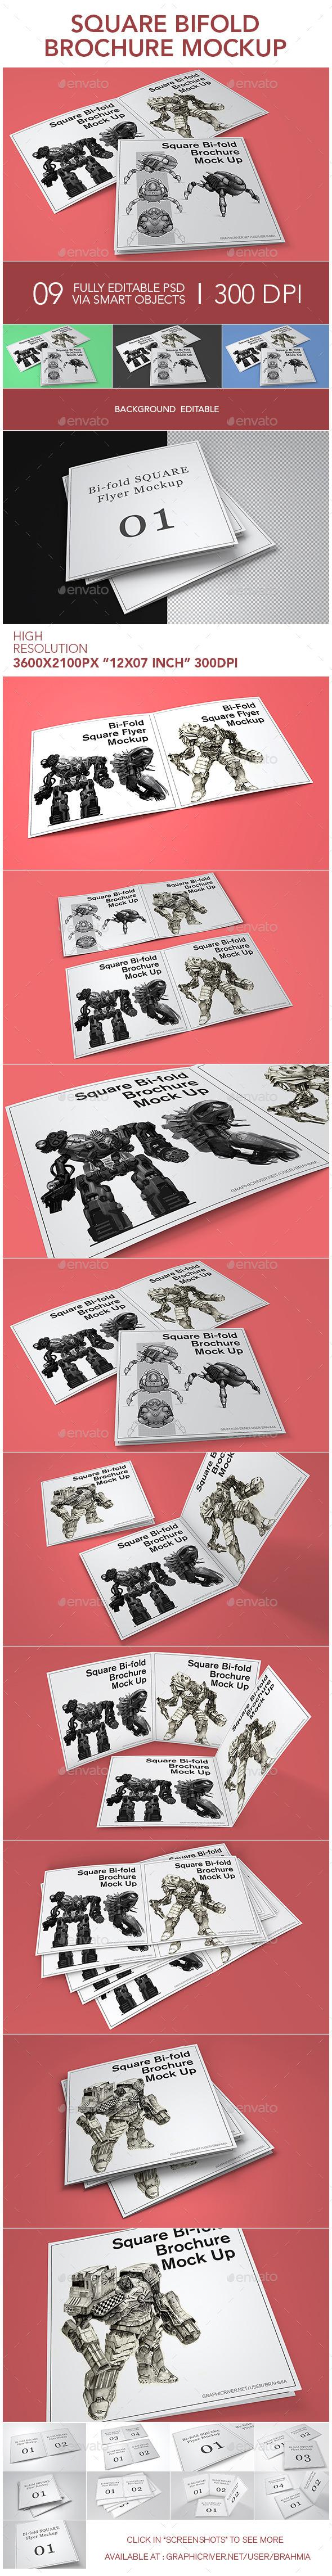 GraphicRiver Square Bifold Brochure Mockup 11871746